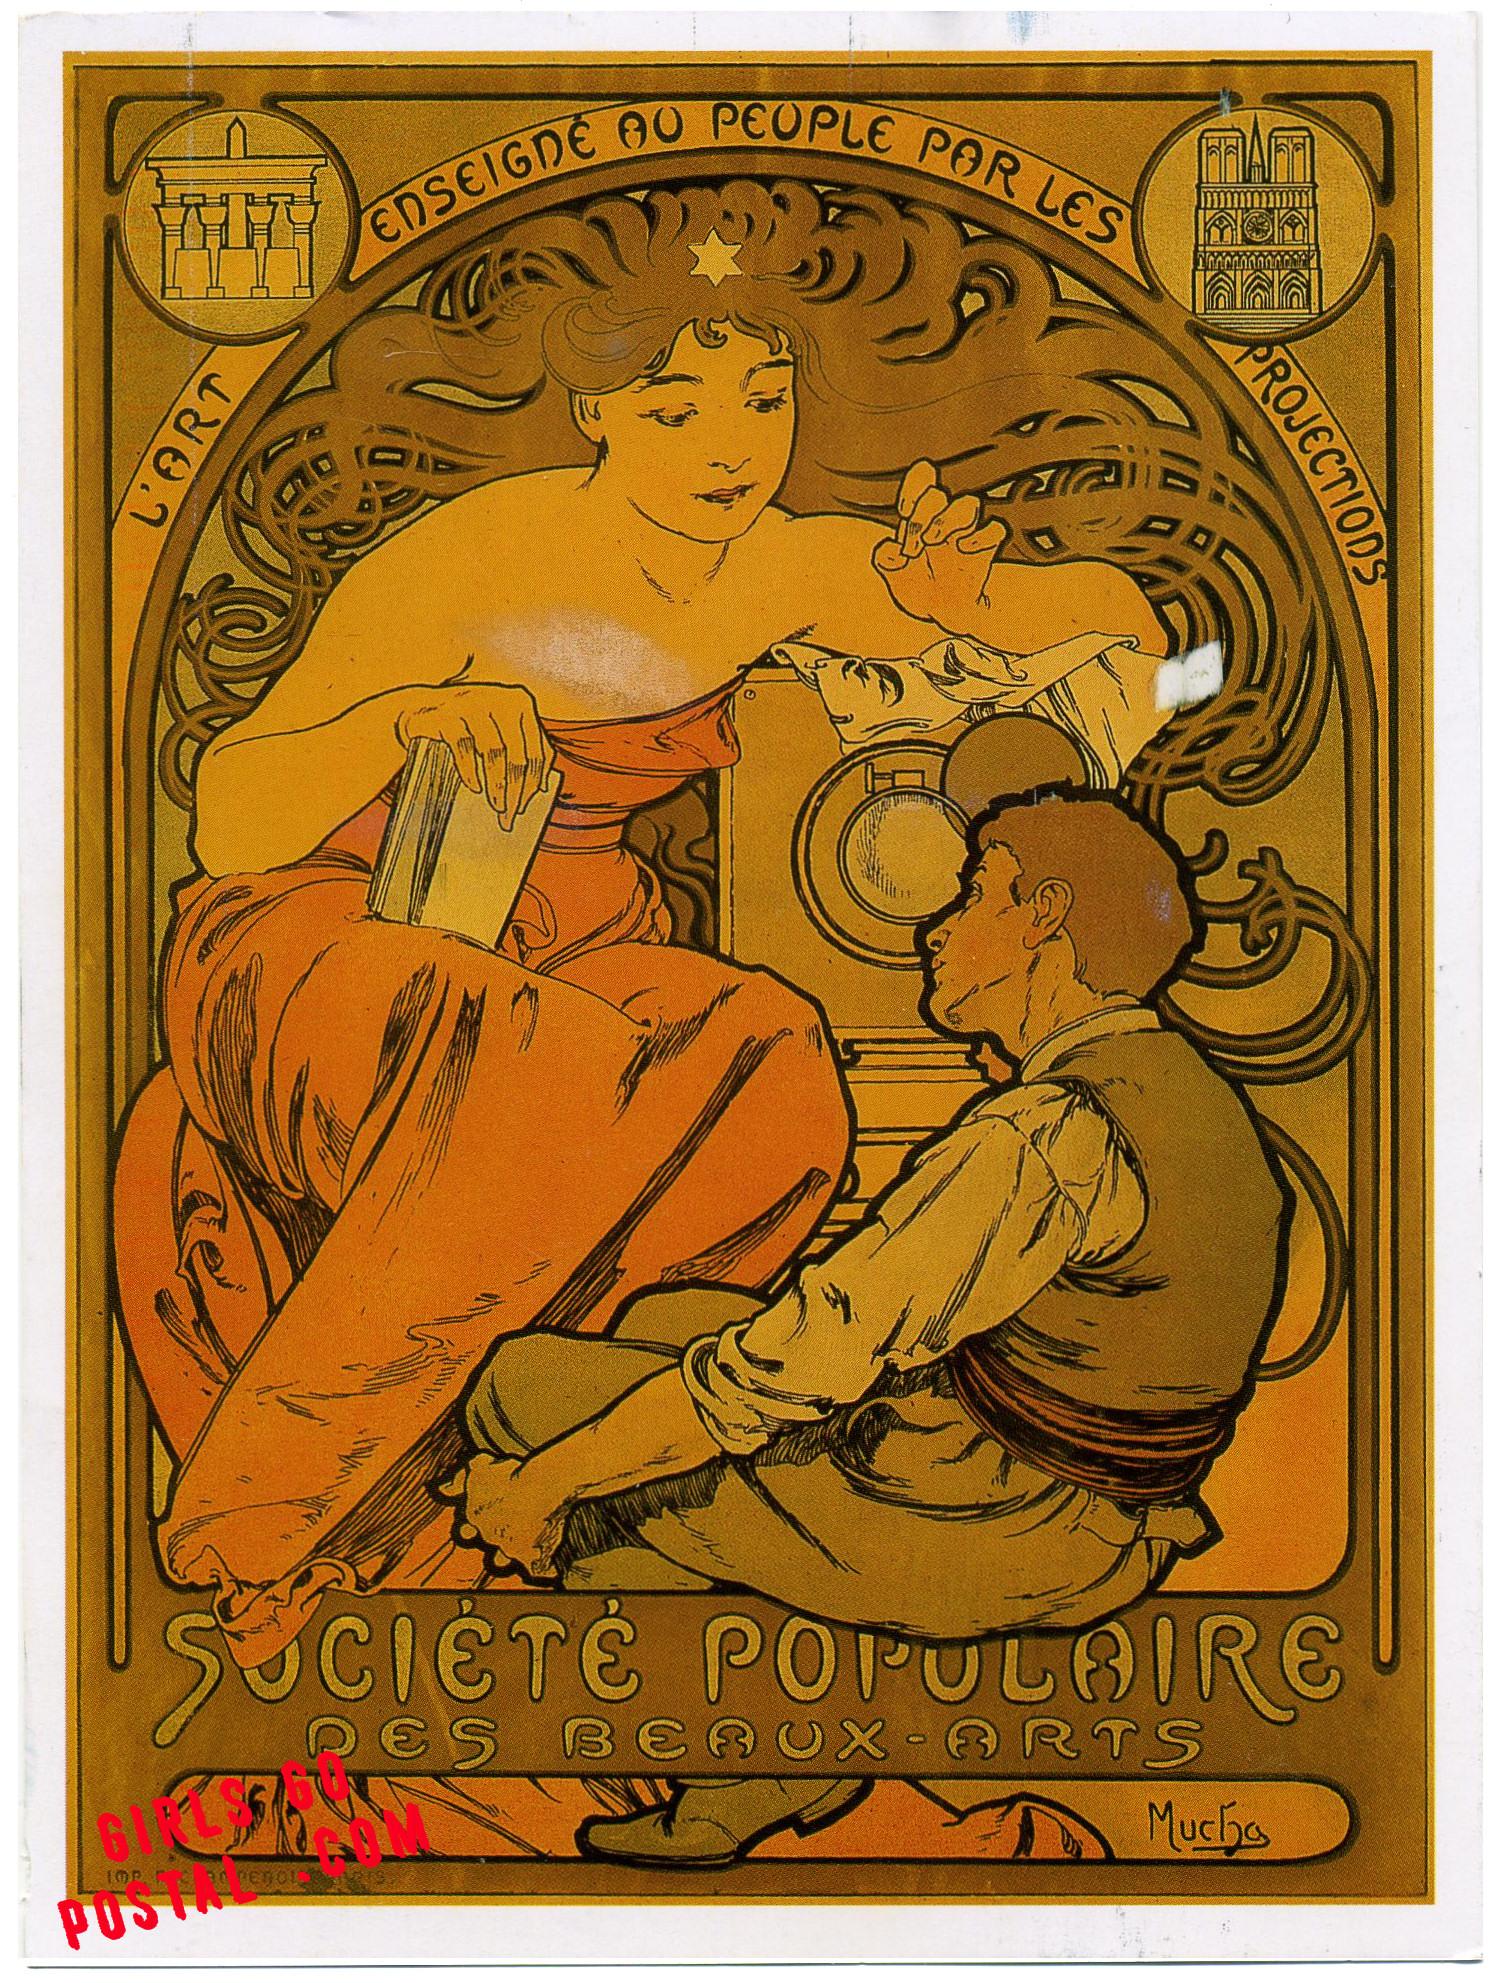 Плакат Societe Populaire des Beaux-Arts-1897